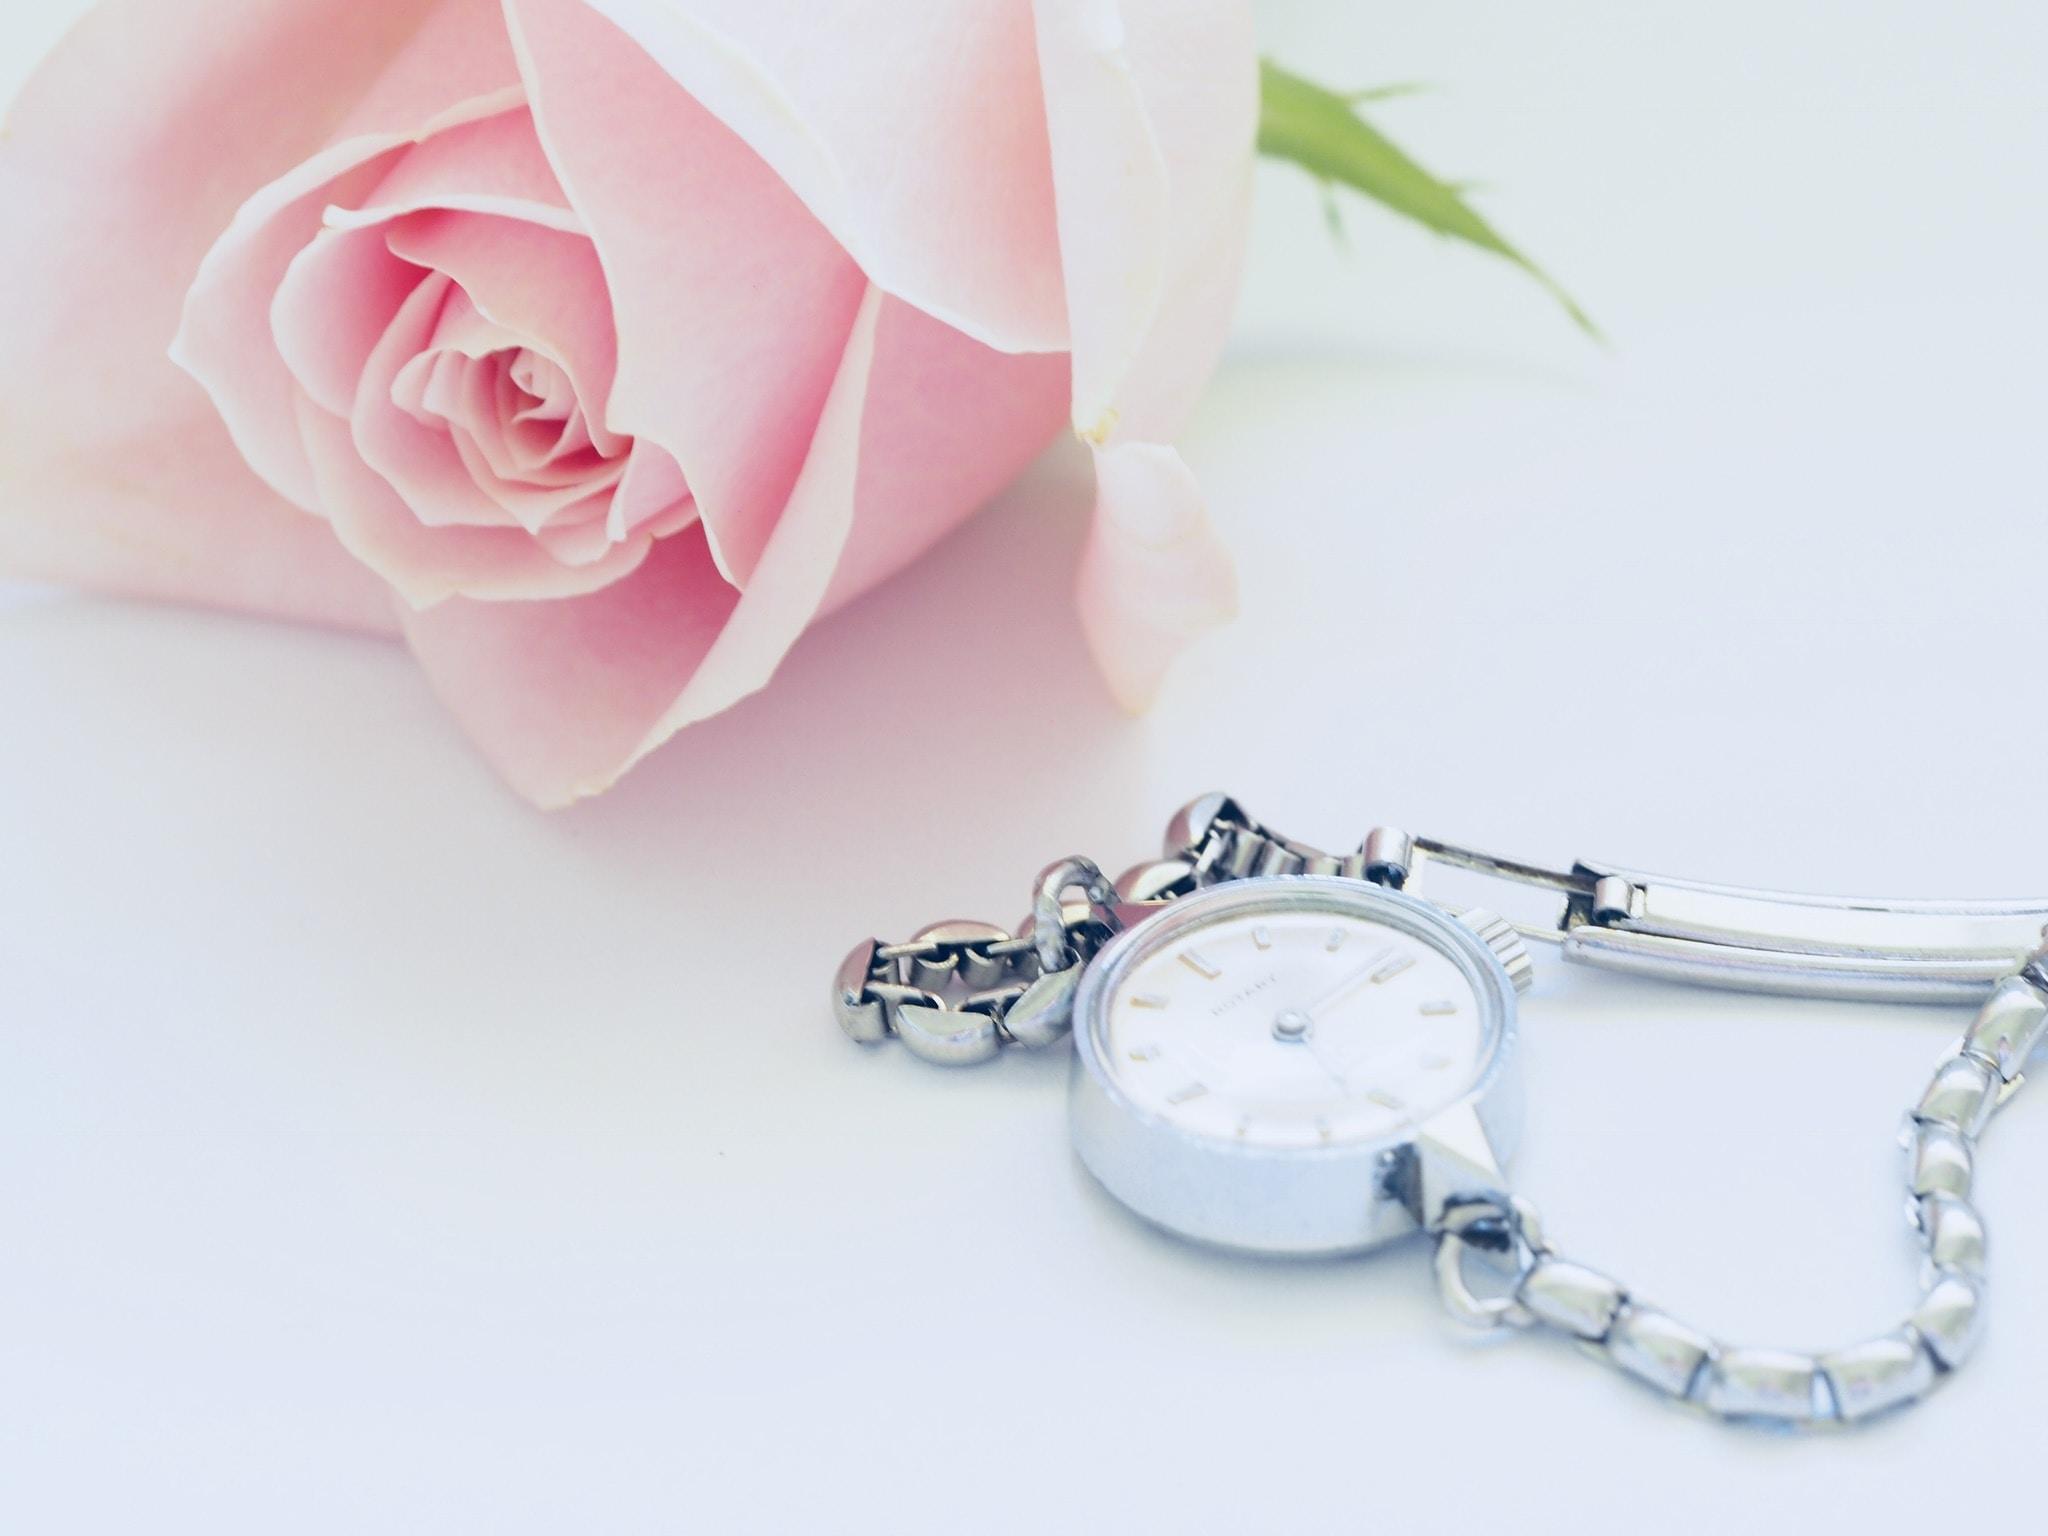 round white analog watch beside pink rose